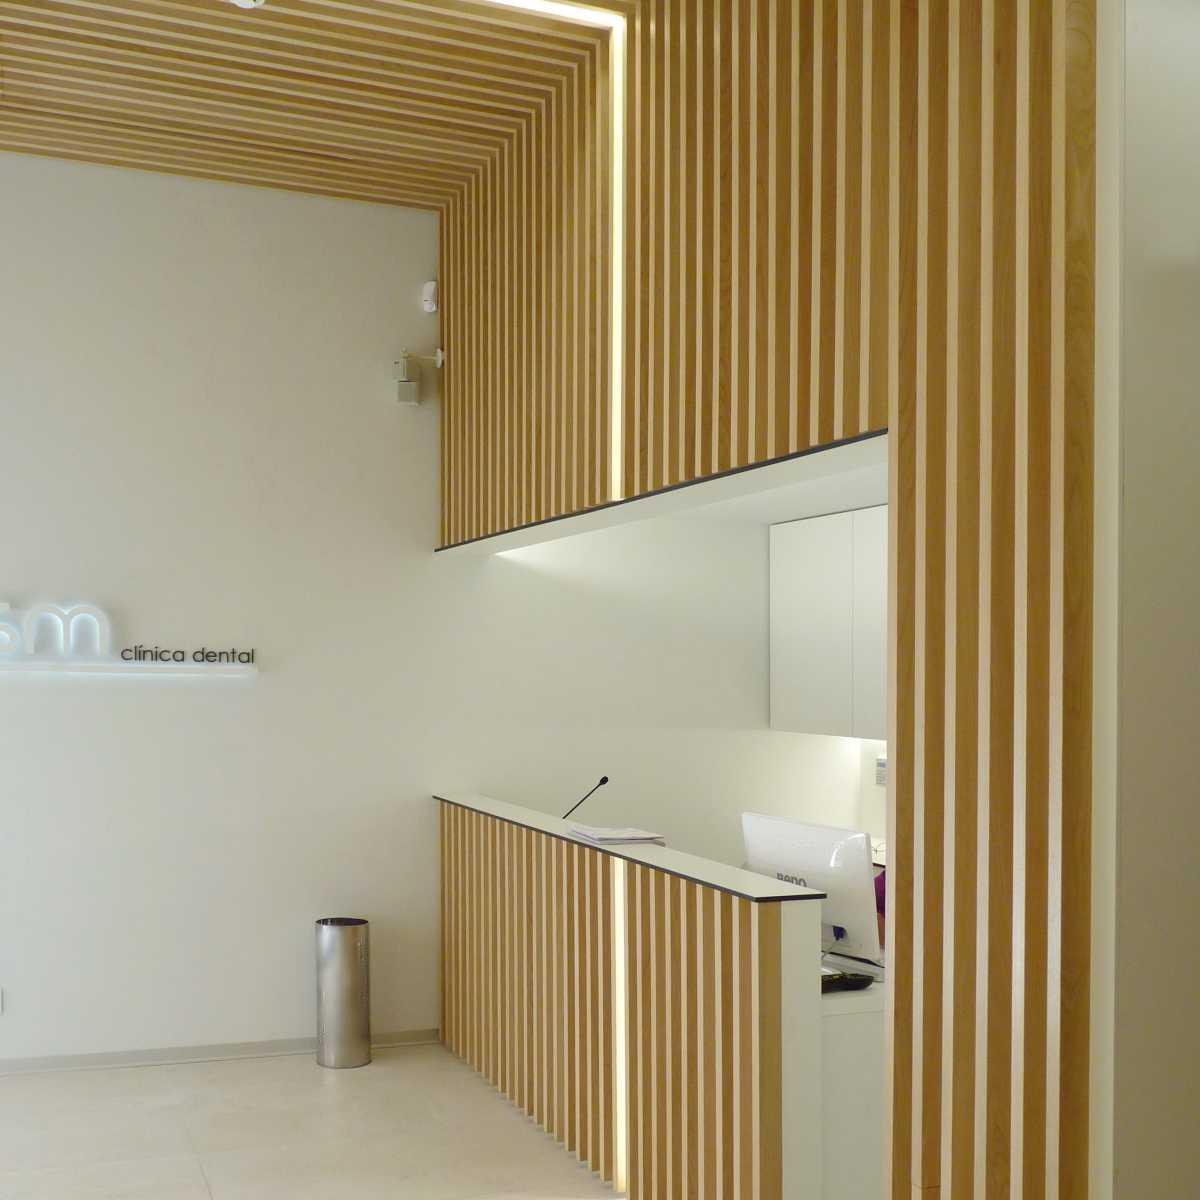 Siempre con un cuidado diseño del mobiliario y de la iluminación.